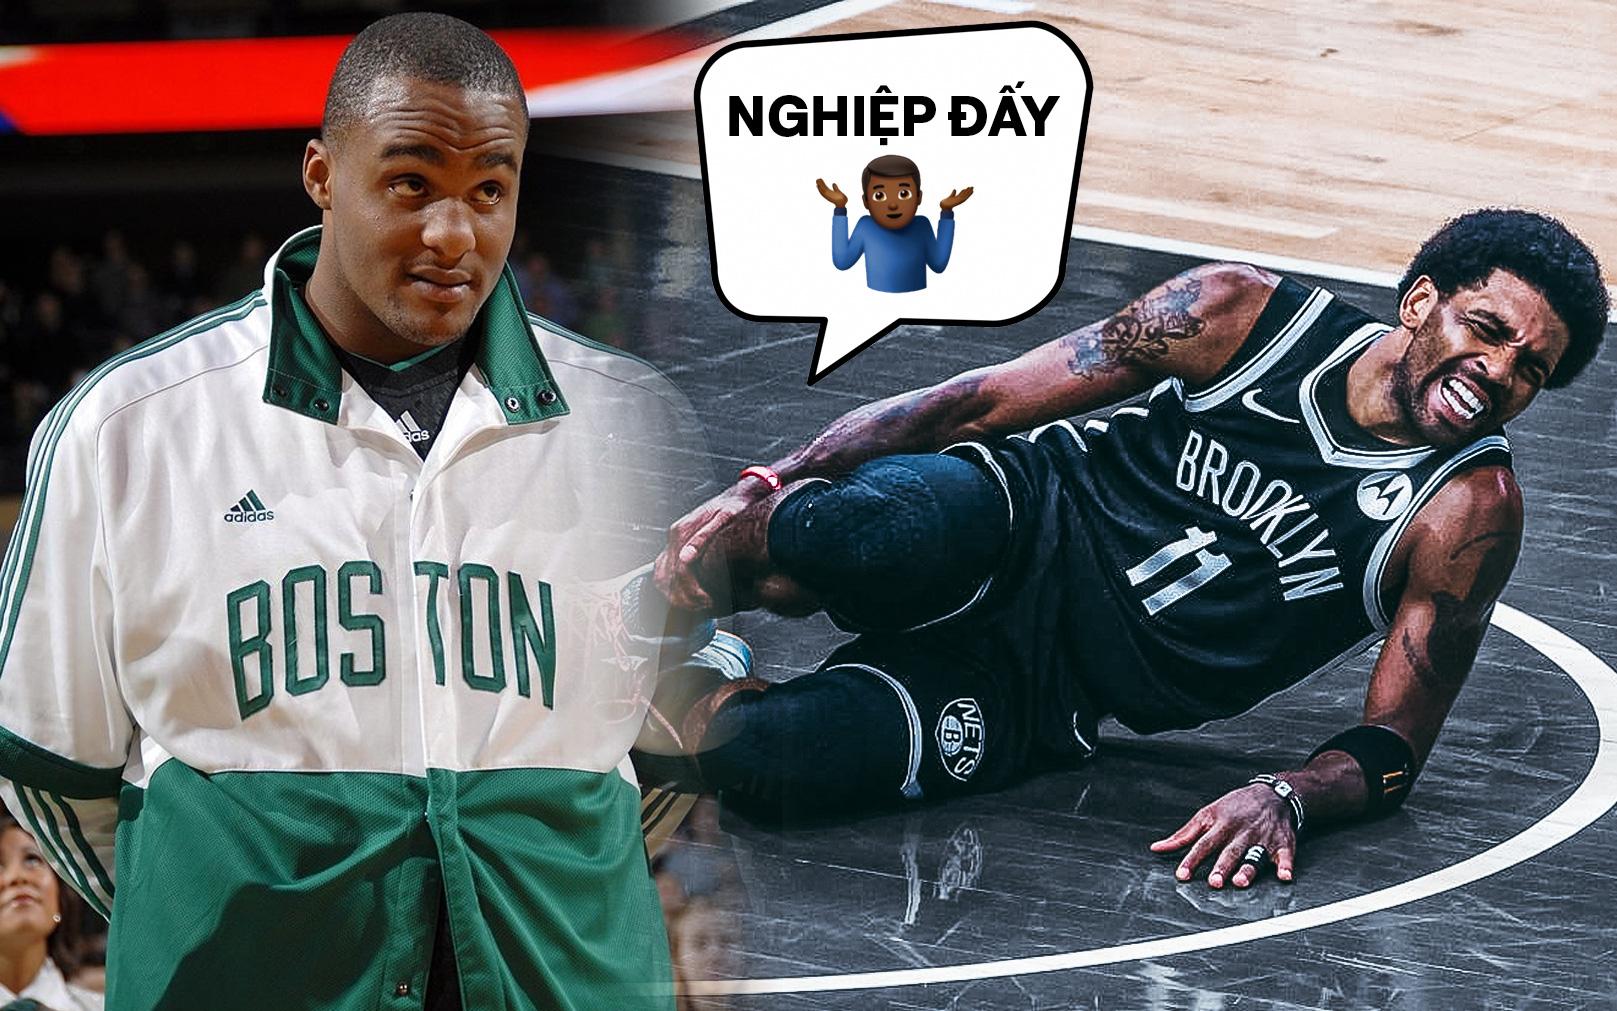 """Đăng đàn cà khịa Kyrie Irving dính """"nghiệp quật"""": Cựu sao Boston Celtics bị netizen bóc mẽ cực mạnh"""